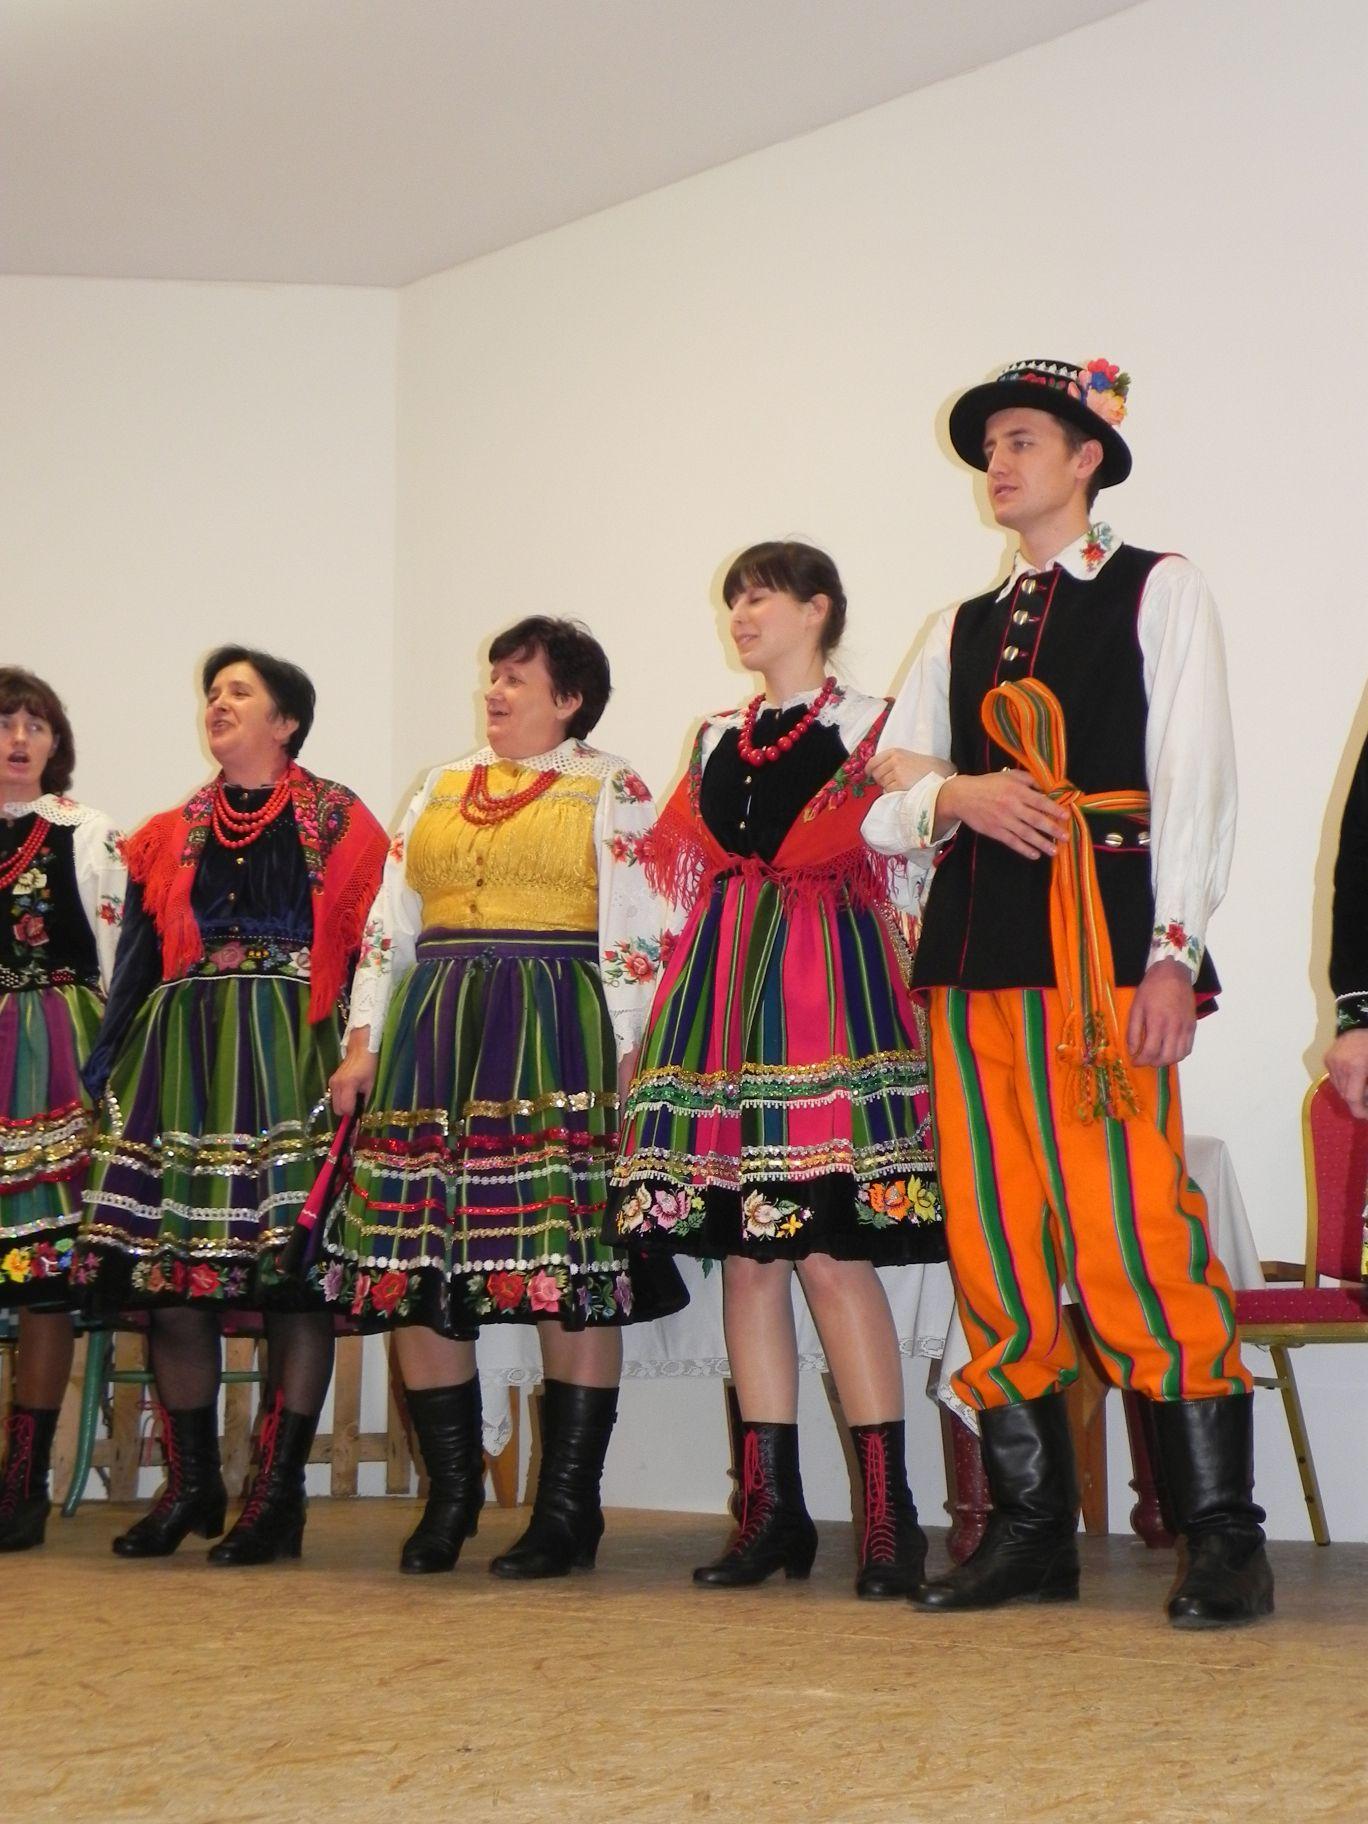 2012-12-14 Wilkowice - Konferencja Wioski tematyczne (165)